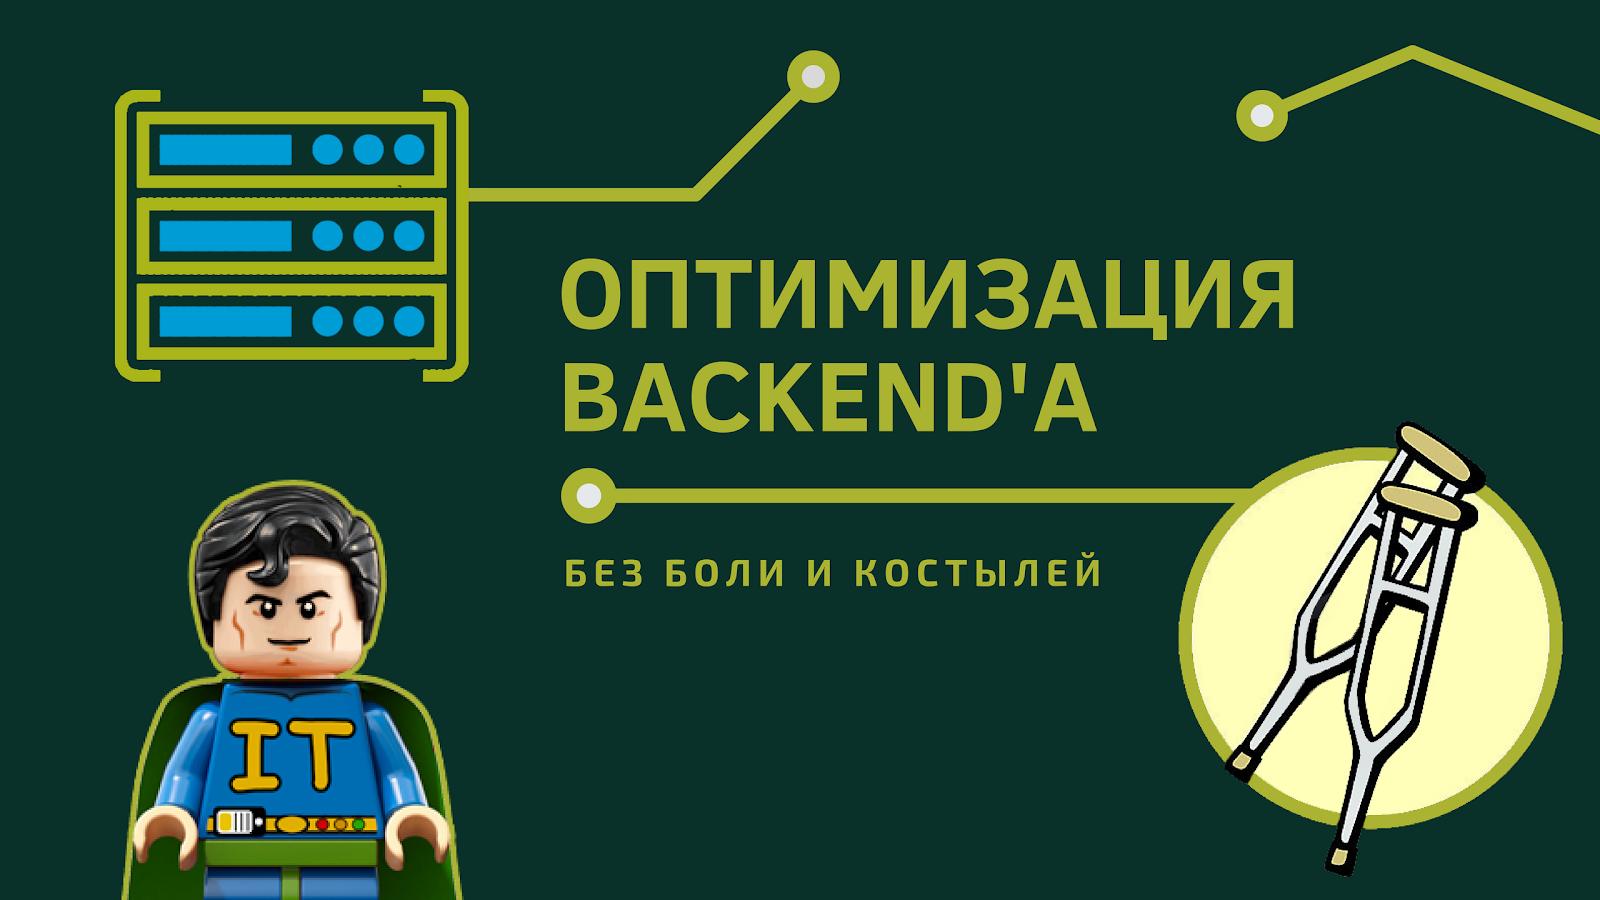 Оптимизация серверной части сайта агенство по раскрутке сайта Старонародная улица